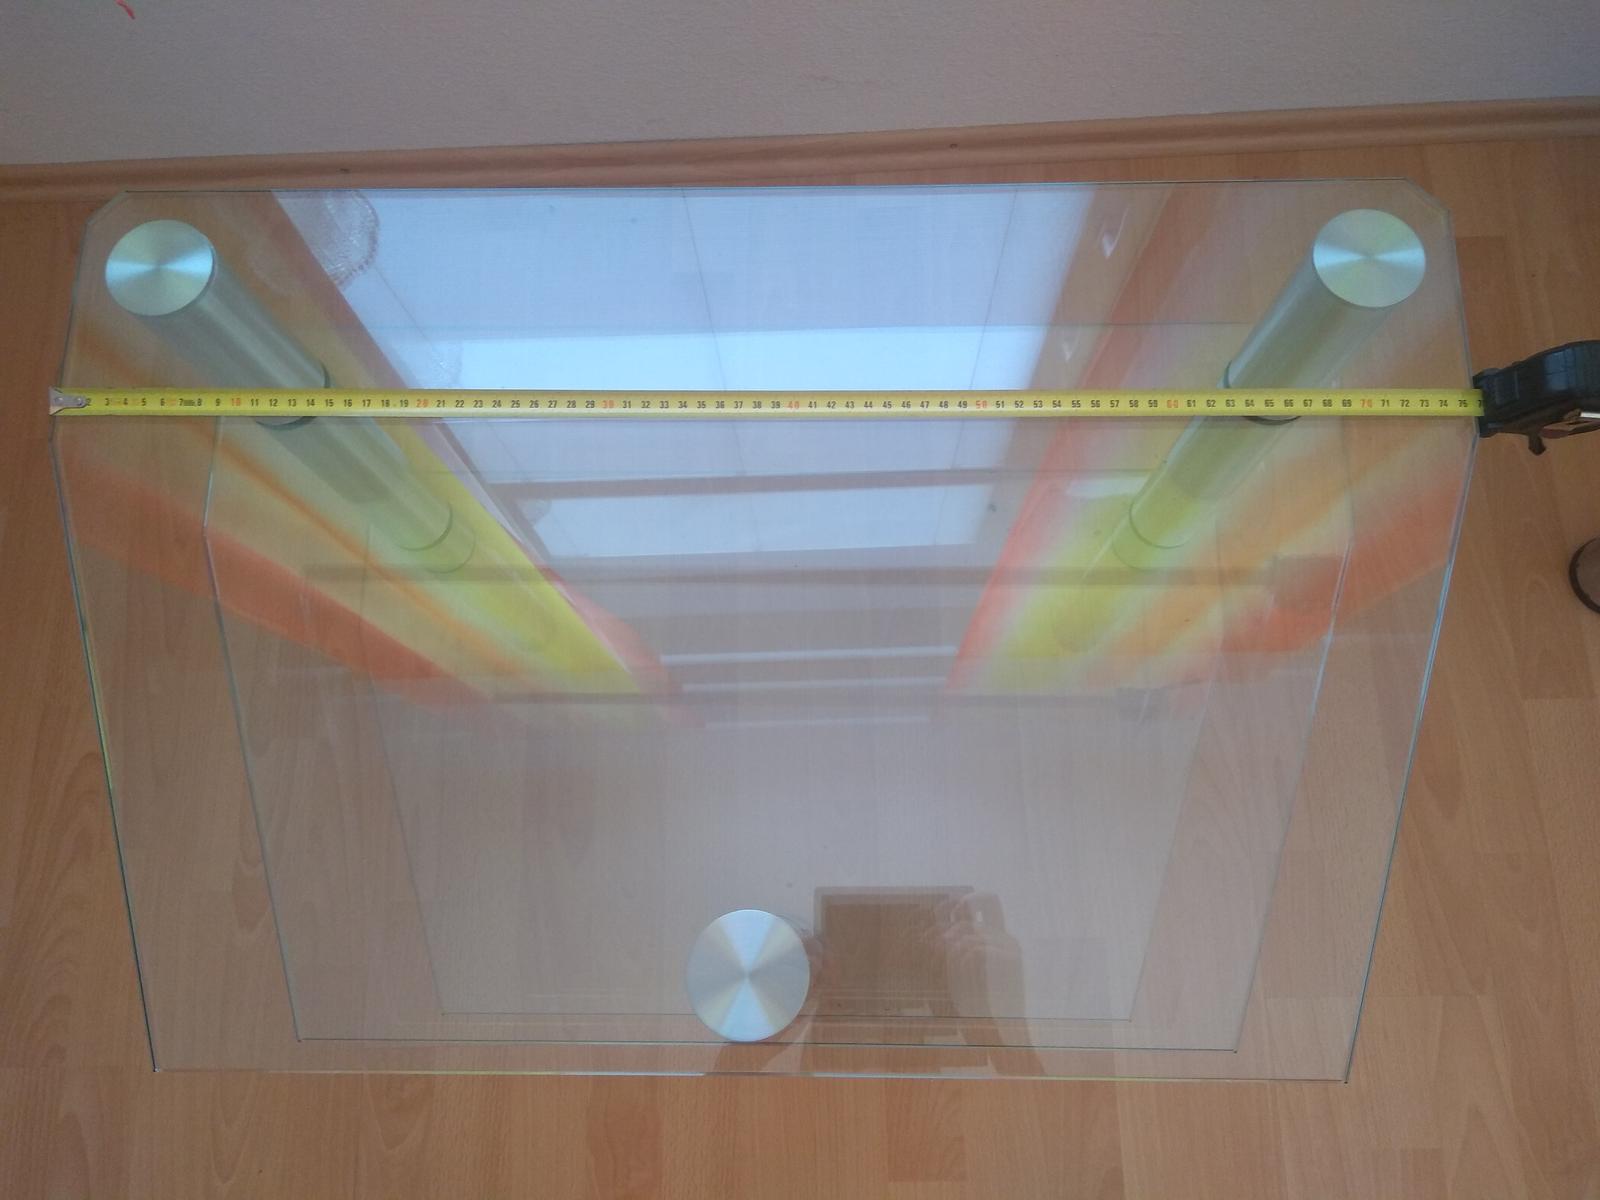 sklenený stolík pod TV - Obrázok č. 2